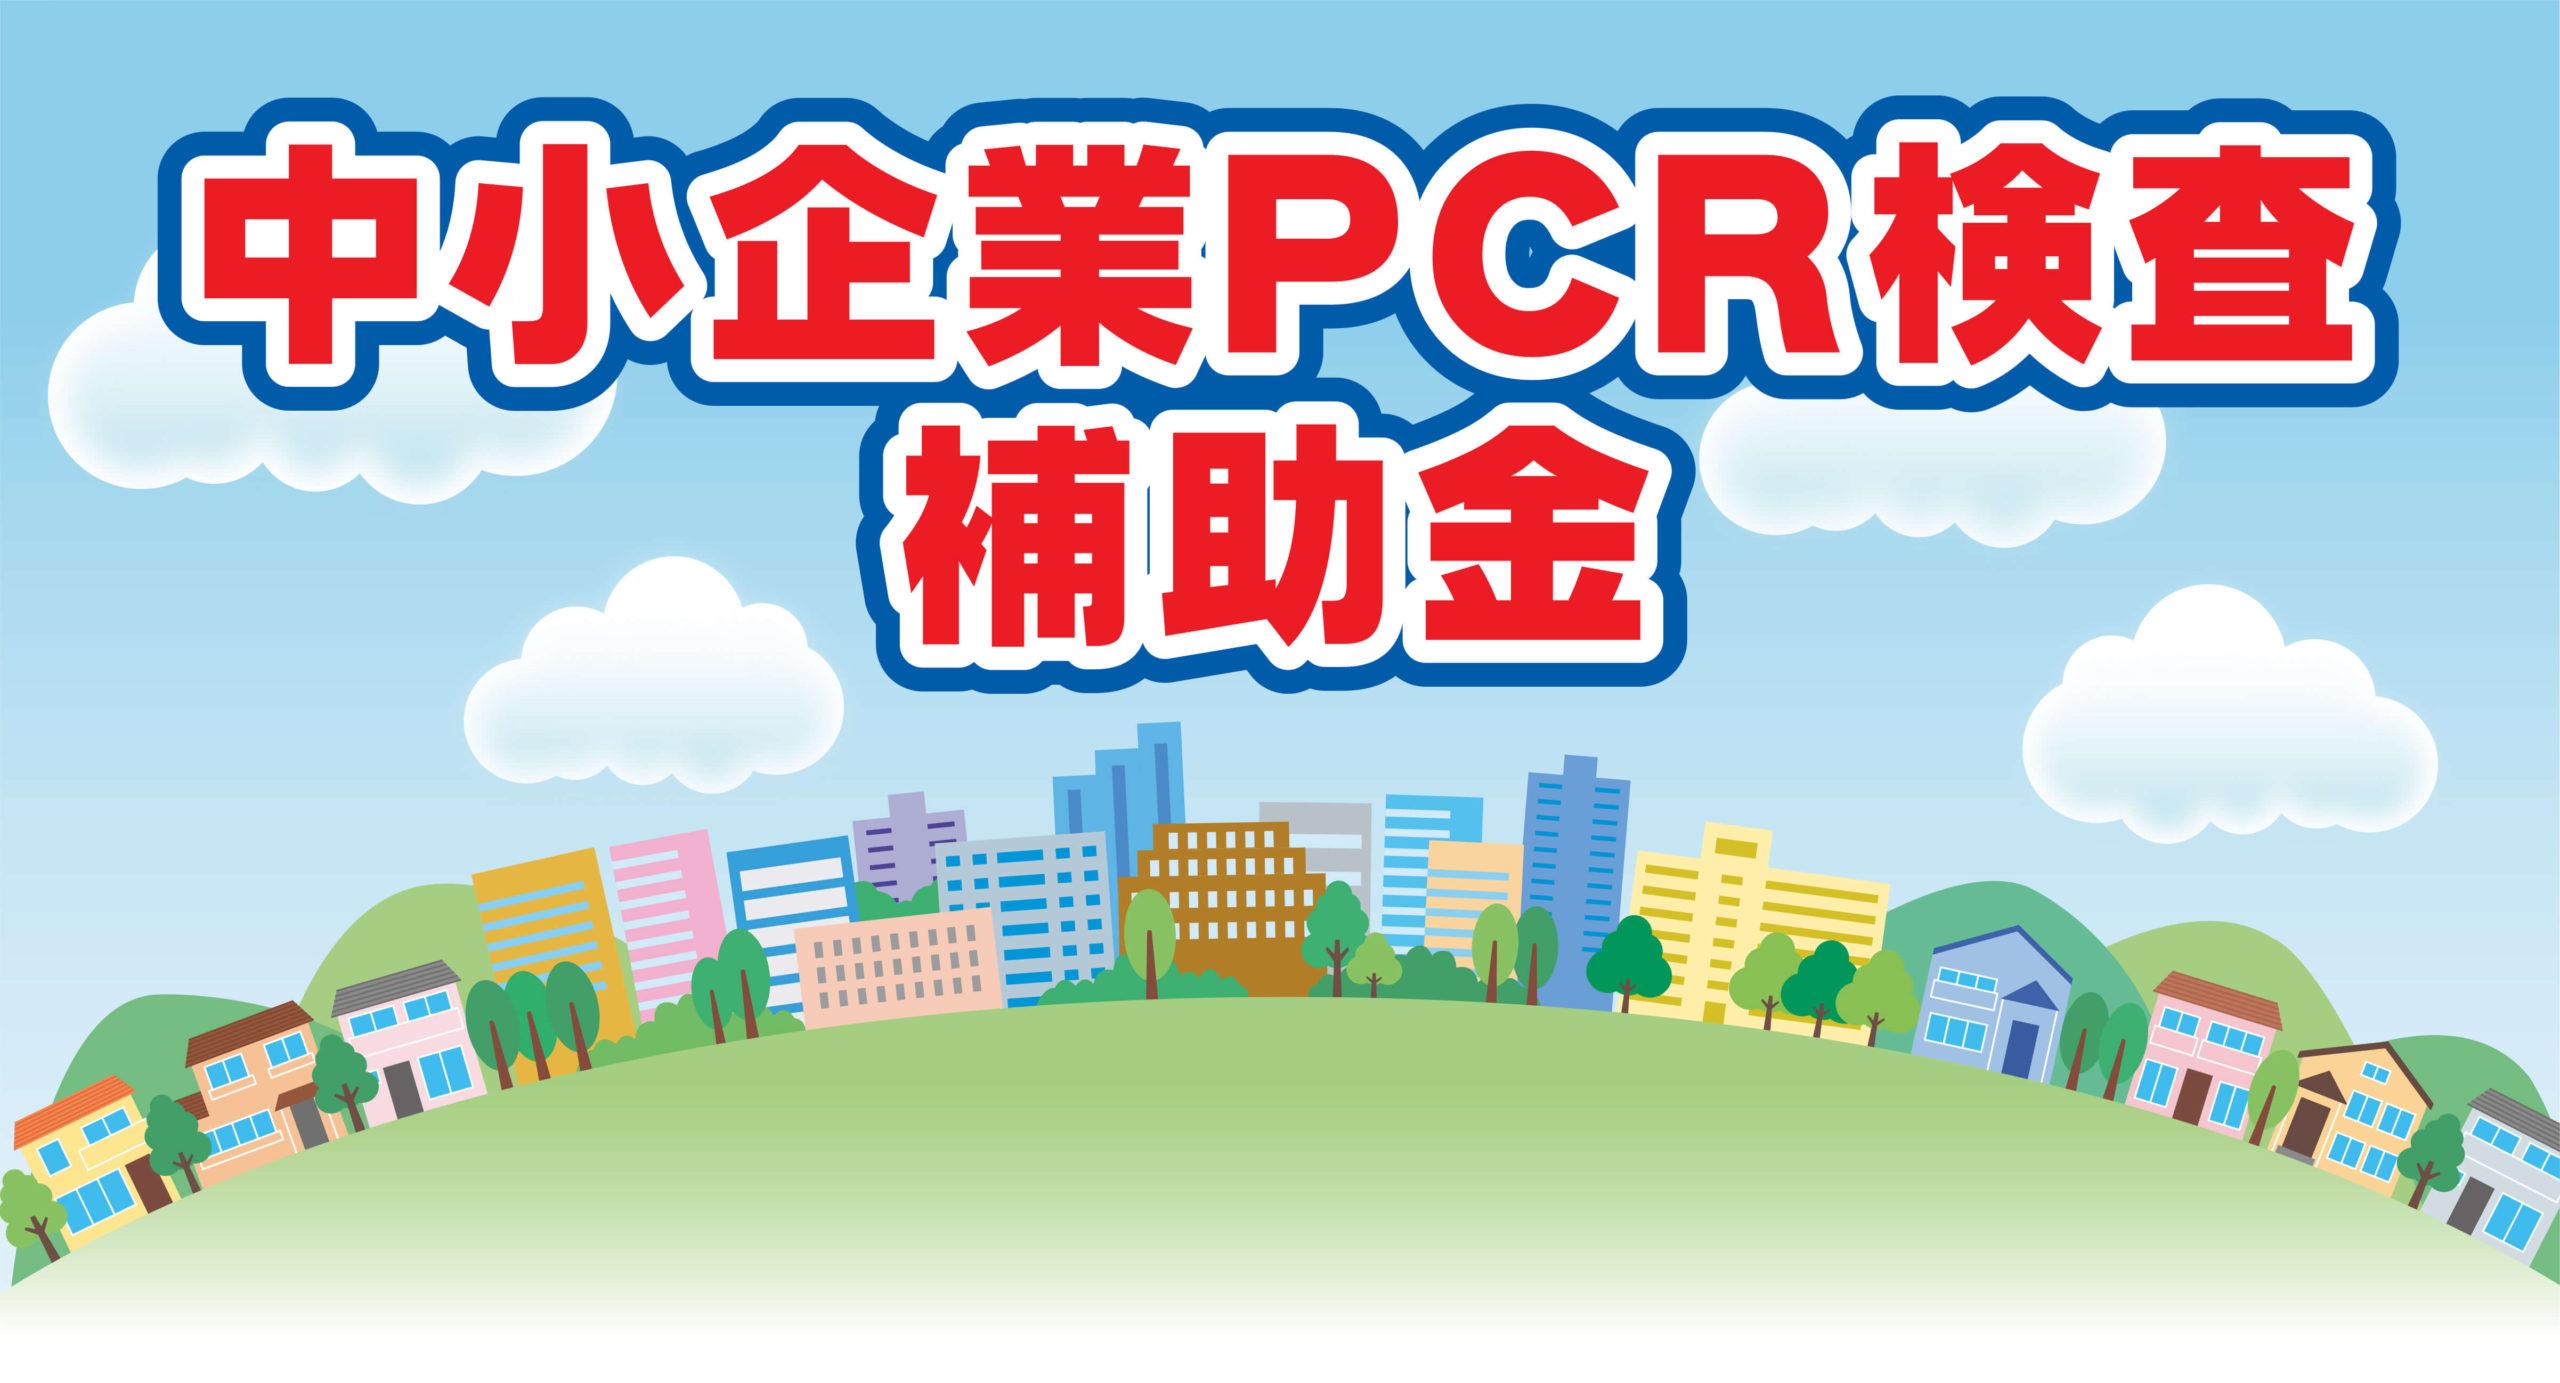 山口県中小企業PCR検査補助金紹介